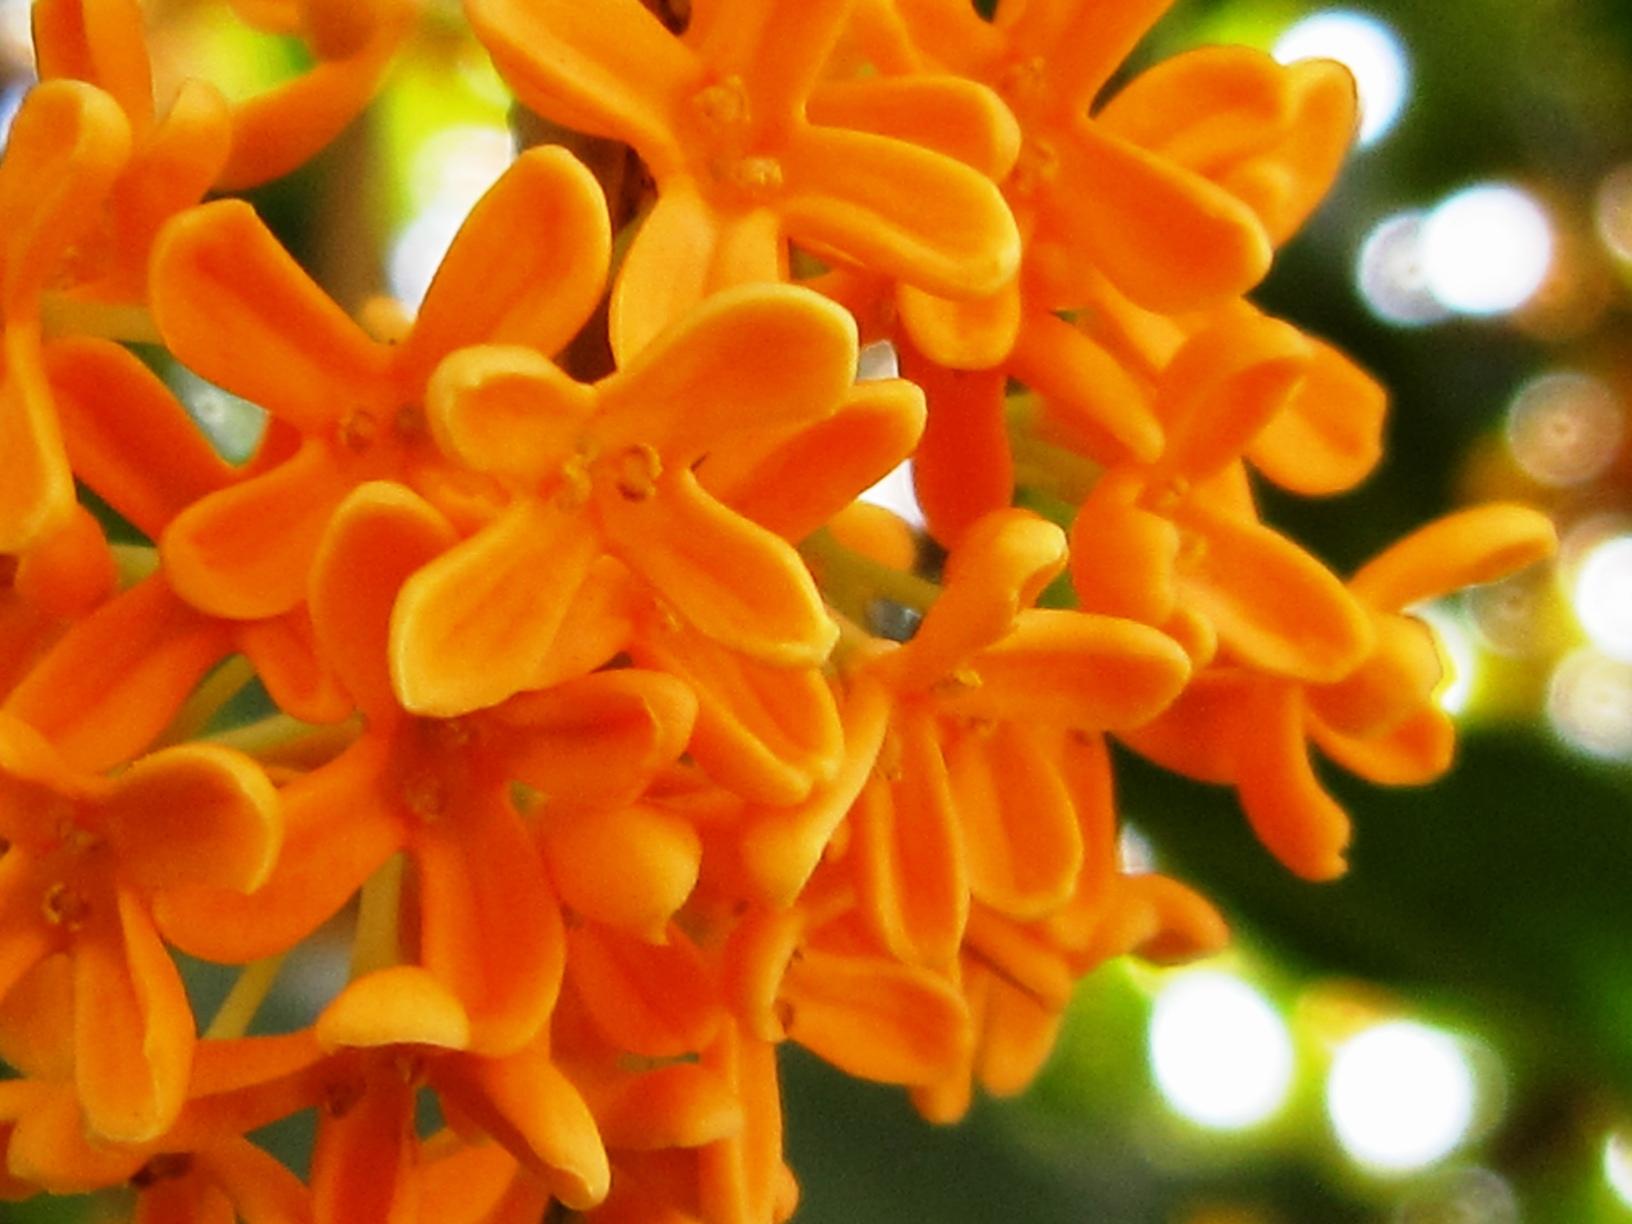 秋の10月は花咲く季節!10月の人気の花を知って花博士になろう!のサムネイル画像